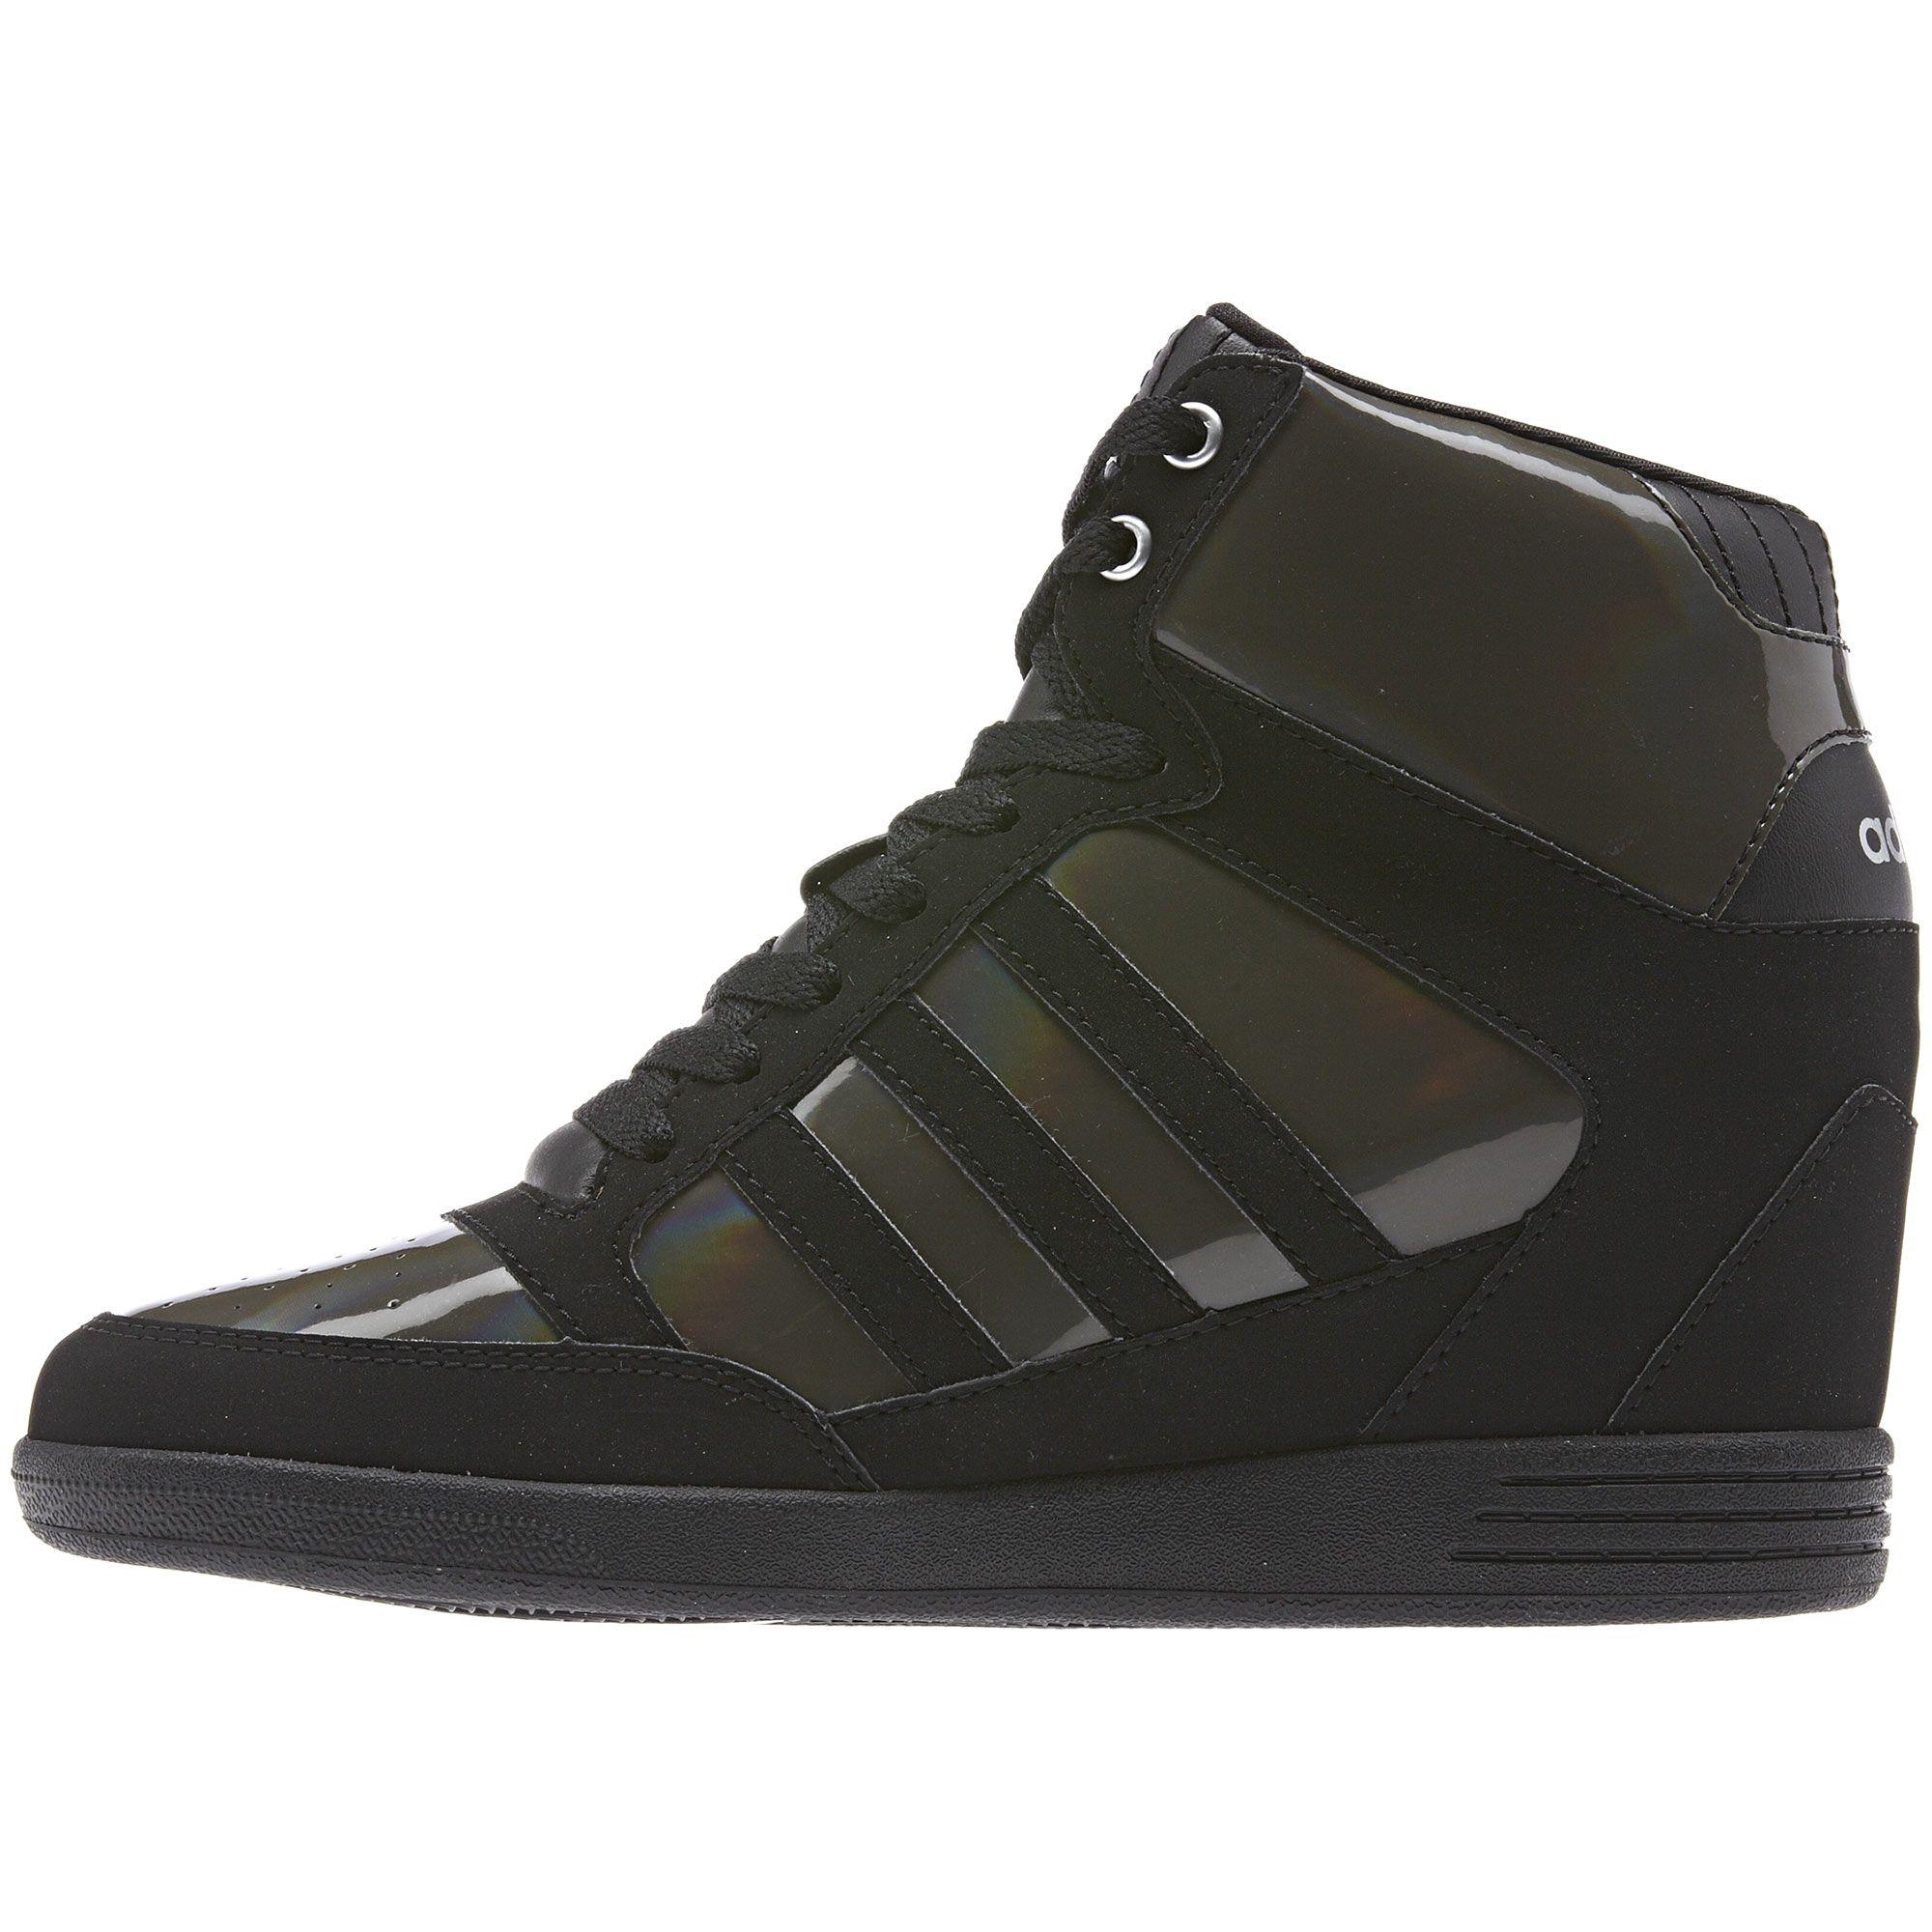 Adidas WENEO Super Wedge, in dark cinderblackmatte